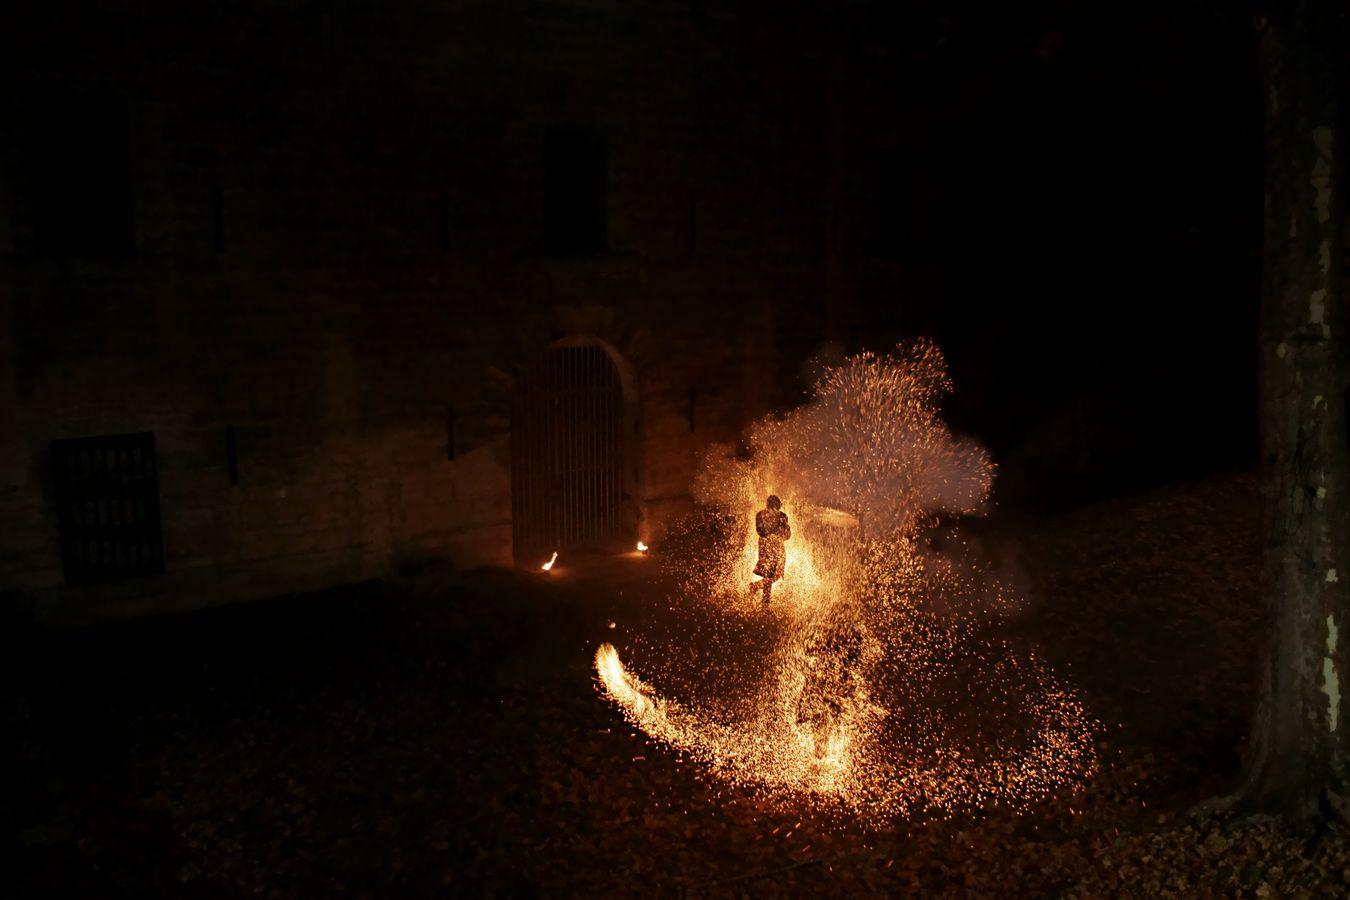 Etienne et Jean-Souleymann de la compagnie Mimétis projettent des étincelles dans tous les sens avec leur dart rope au Fort de Montessuy à Caluire-et-Cuire. Les silhouettes des deux artistes apparaissent au milieu des flammes qui semblent dessiner un œil.